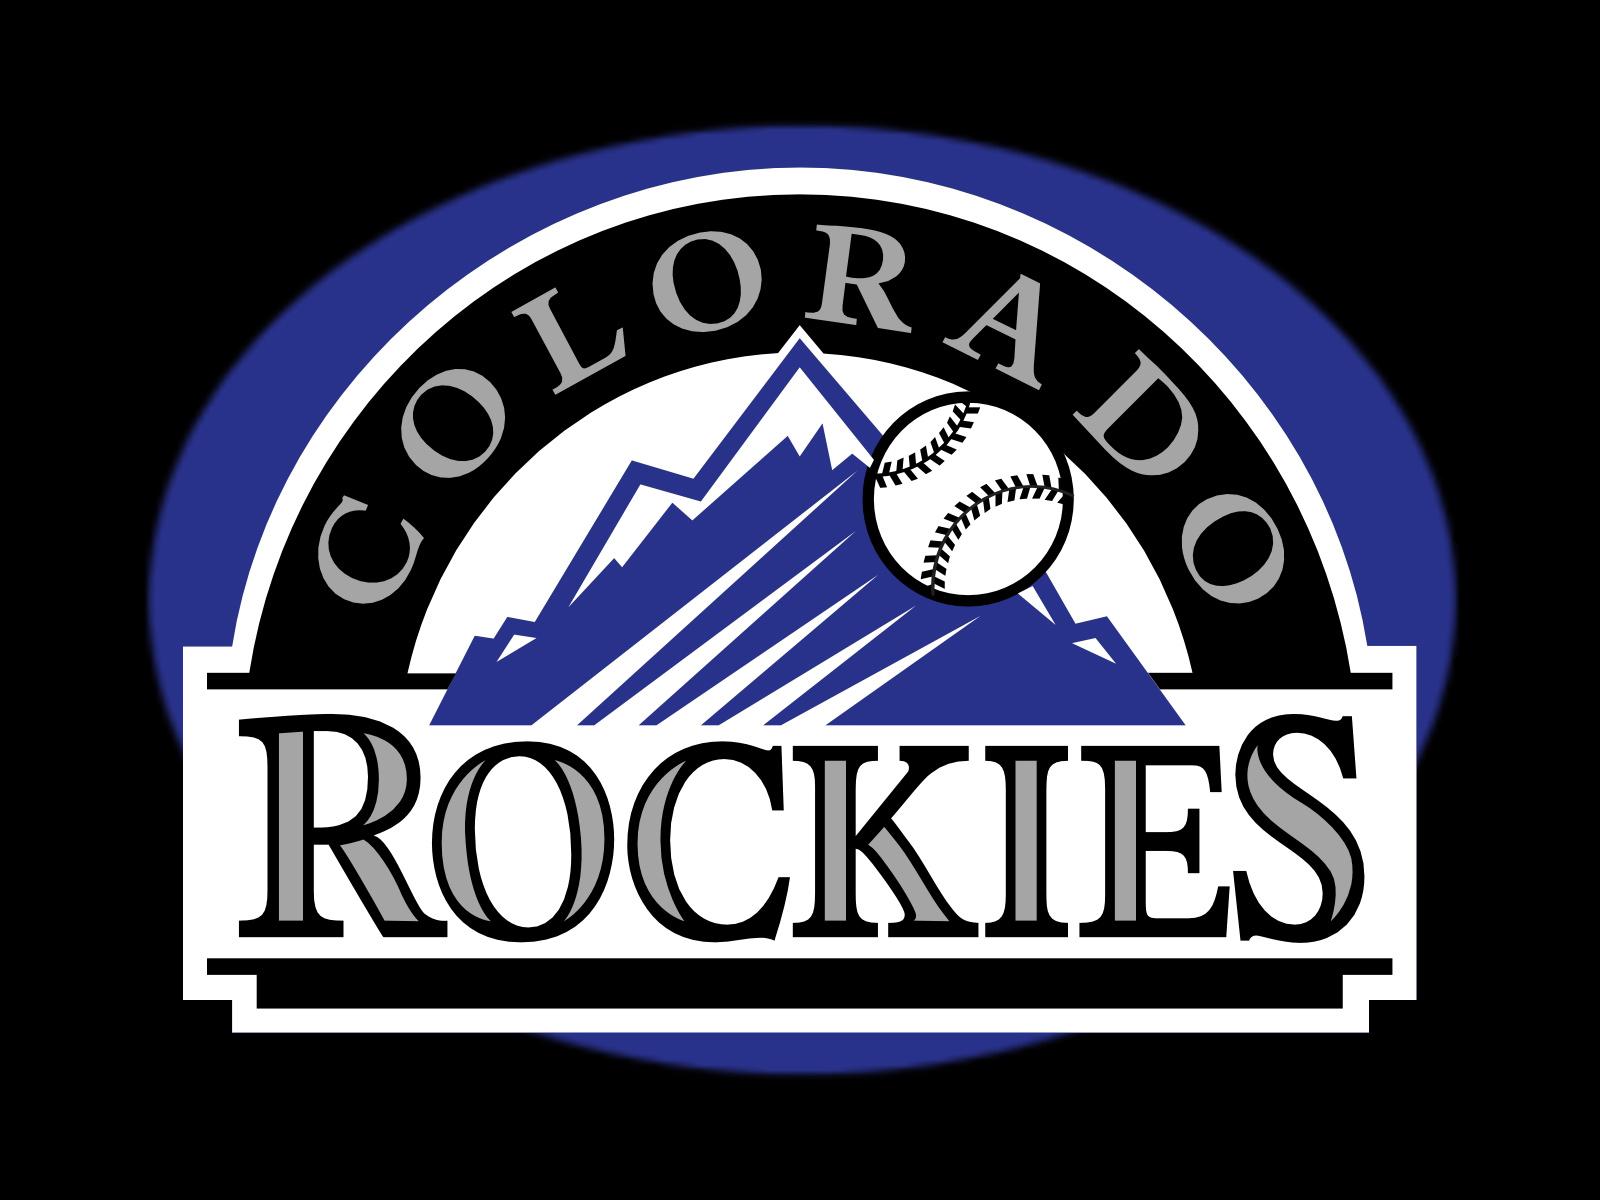 Colorado Rockies 2010 Schedule computer desktop wallpapers 1600x1200